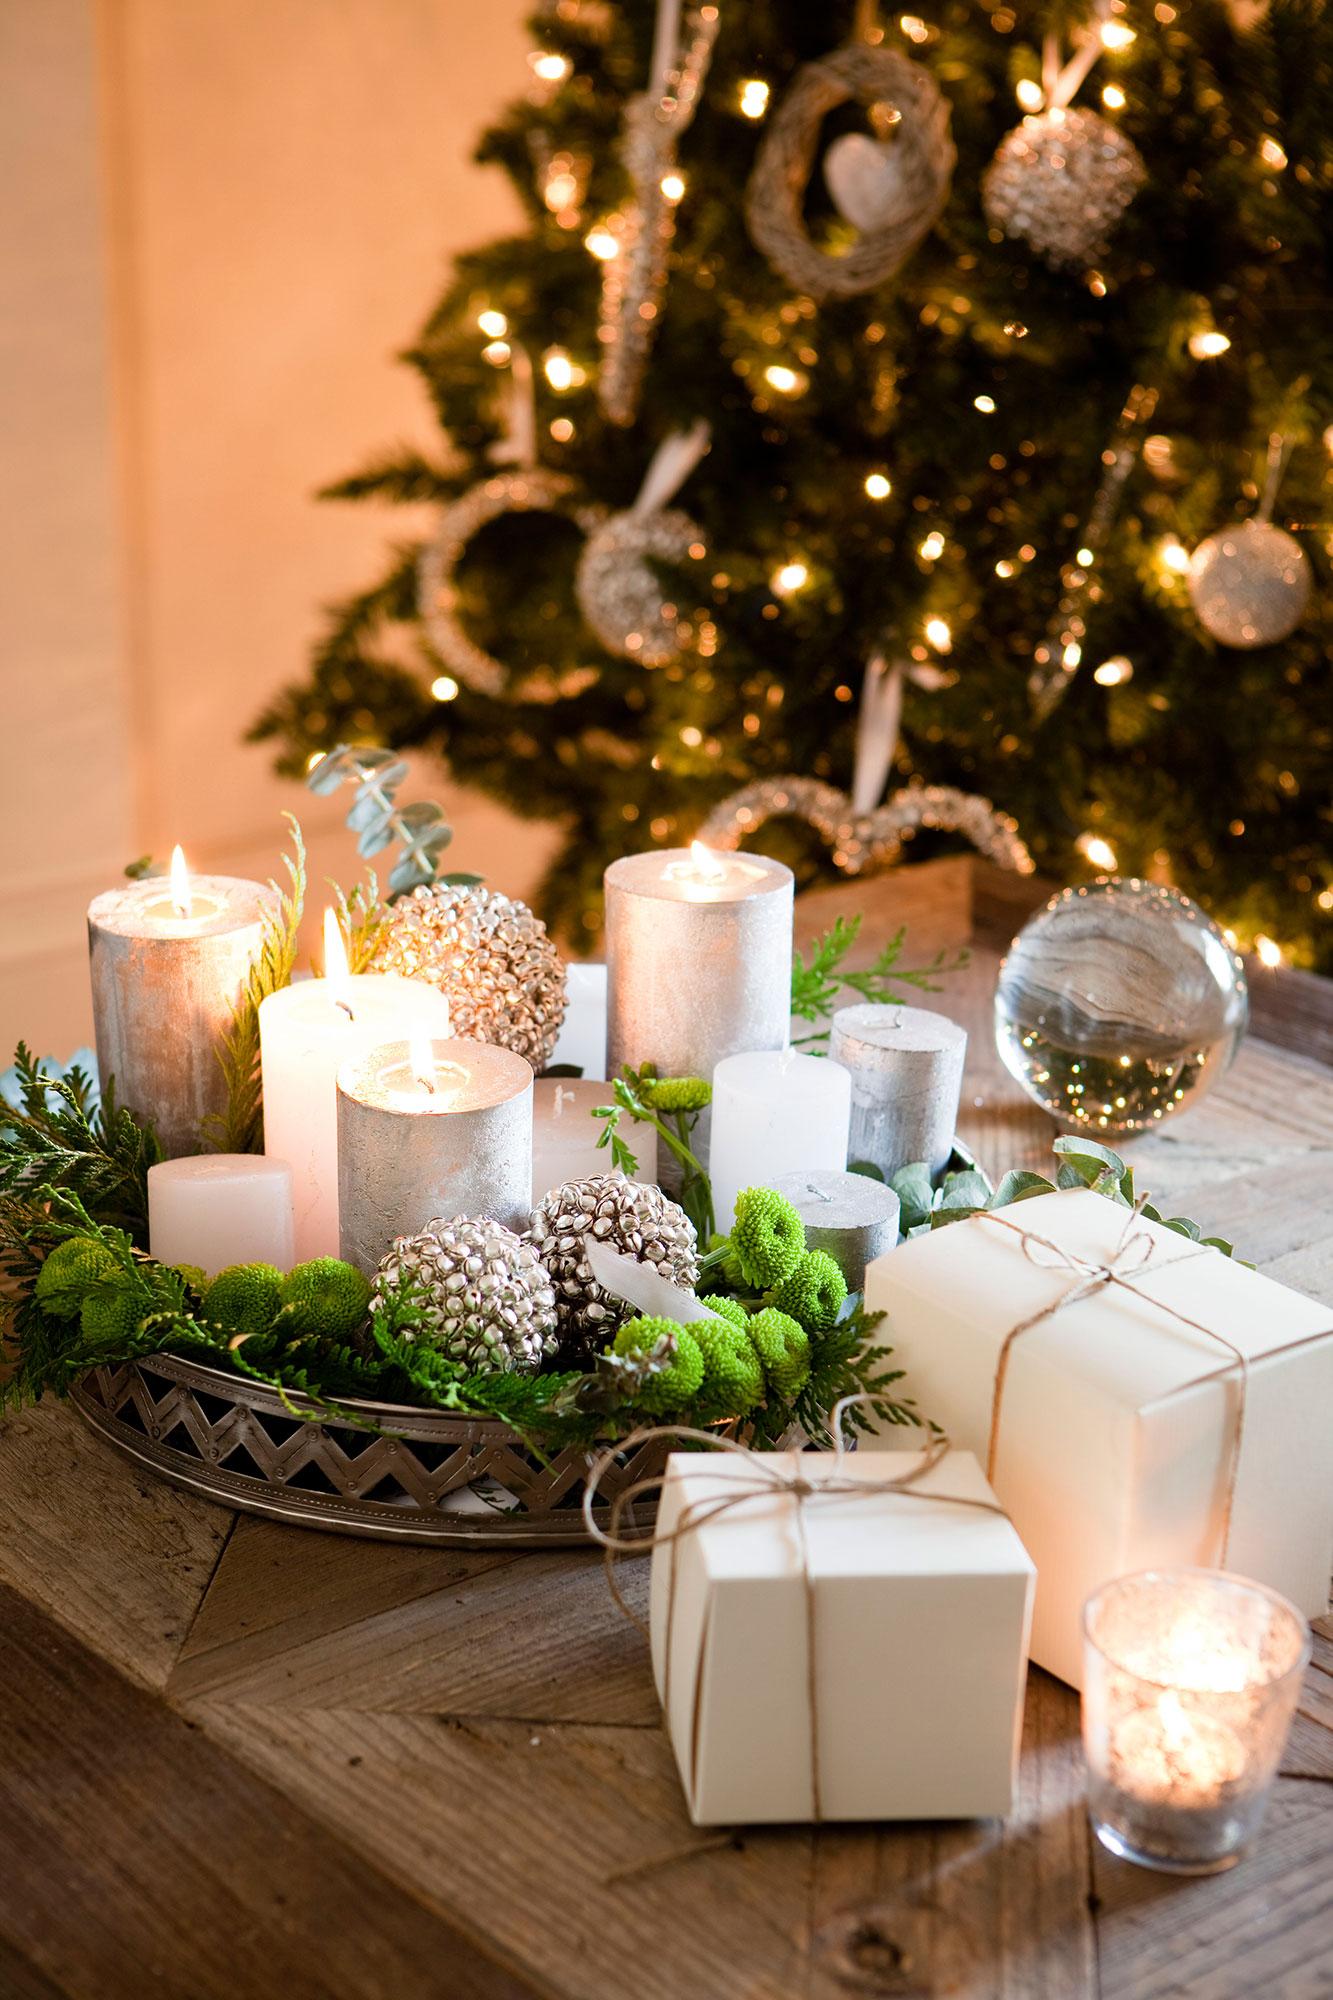 Detalles e ideas en plata para decorar tu casa esta Navidad